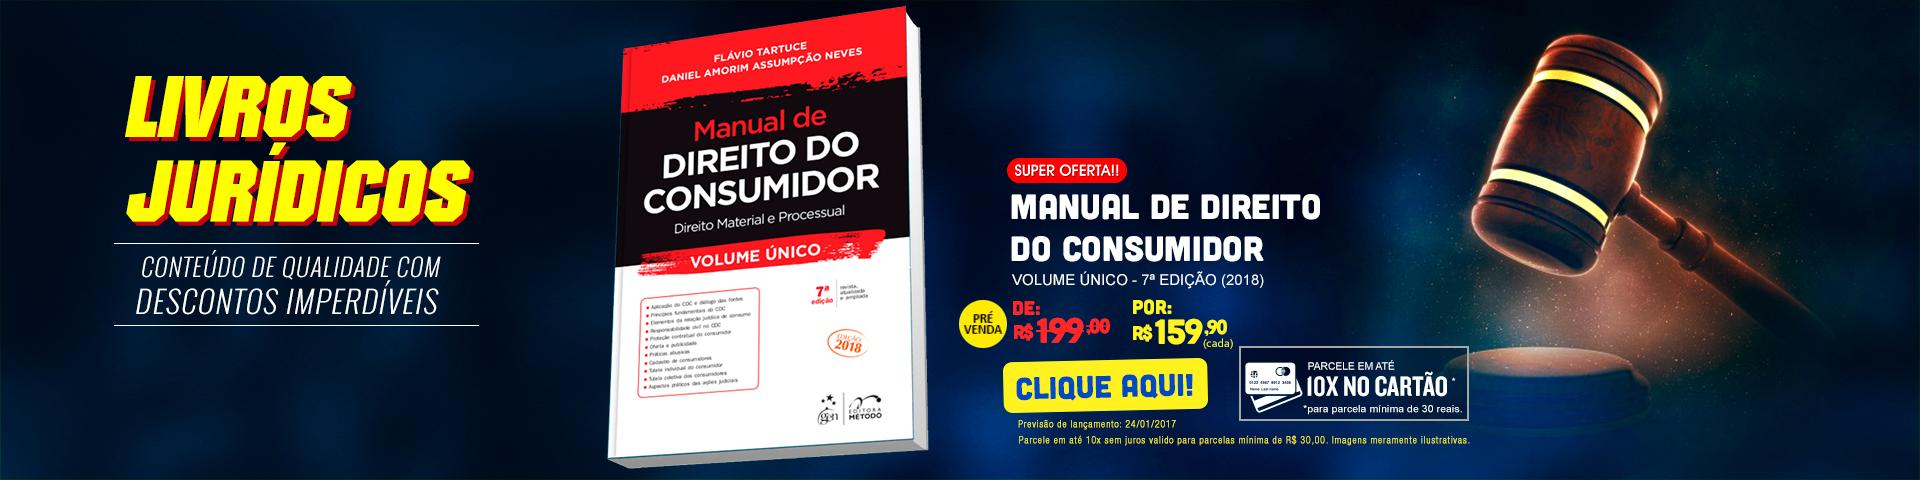 Livros Jurídicos - Manual de Direito do Consumidor